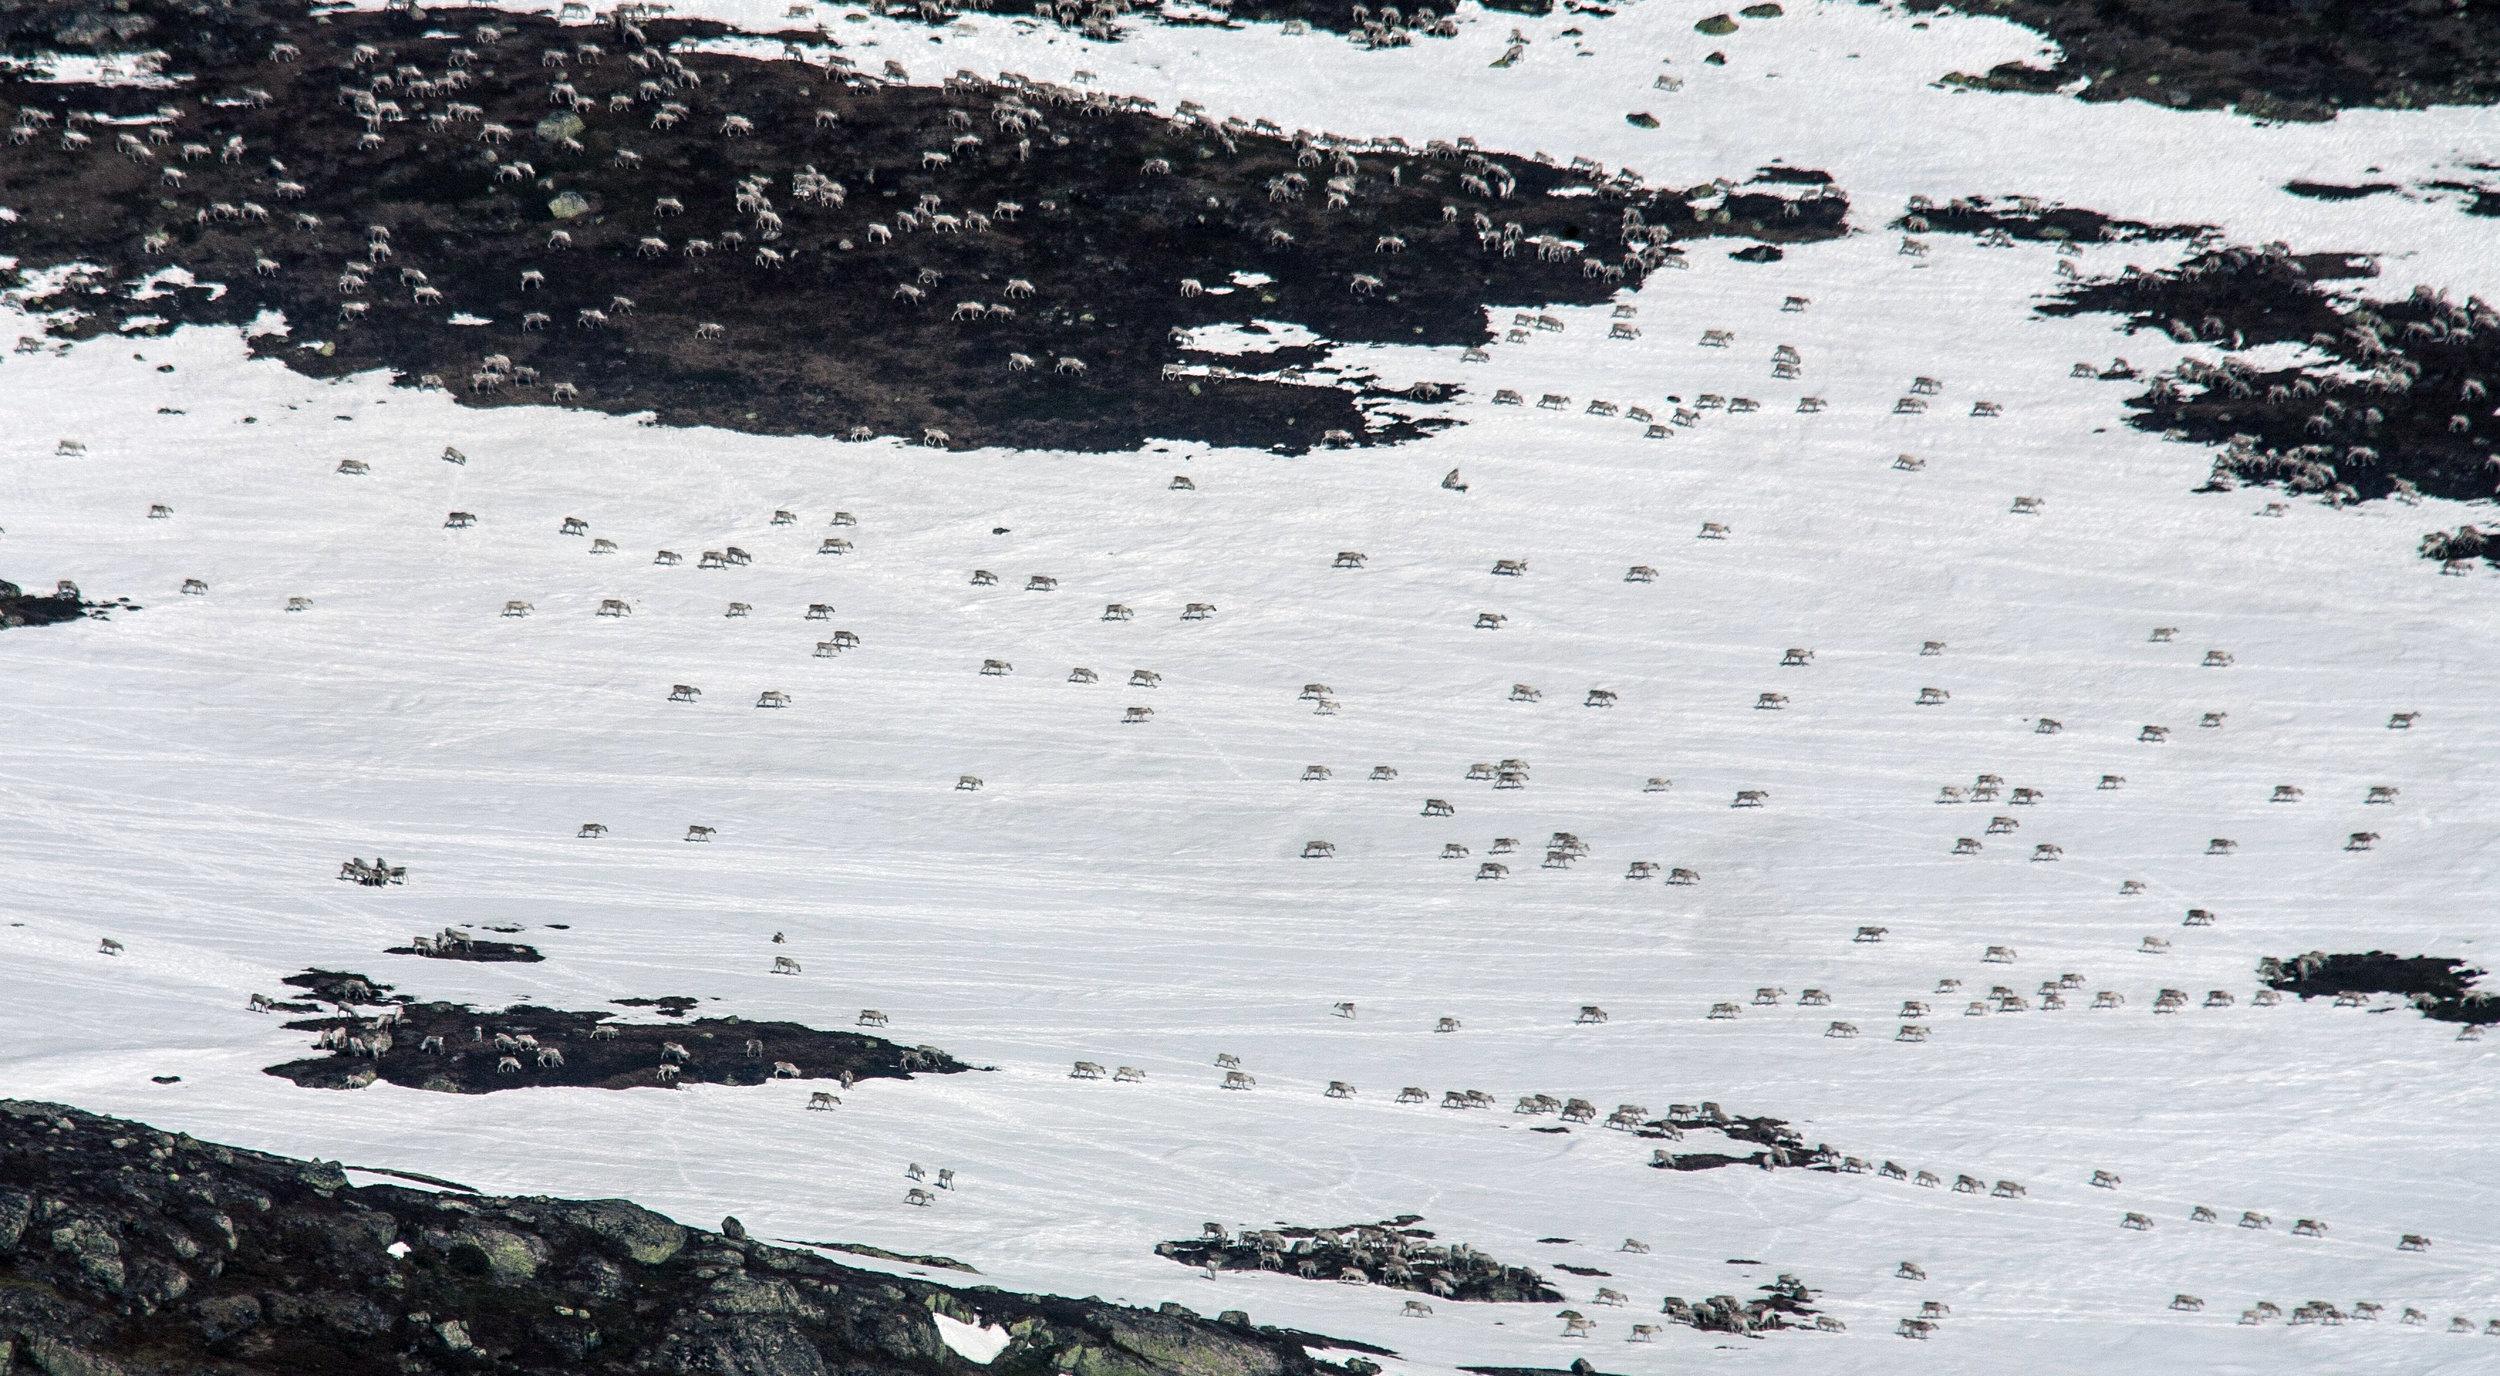 Fostringsflokk på vei mot kalvingsland. Hardangervidda 27. april 2014. Foto: Kjell Bitustøyl